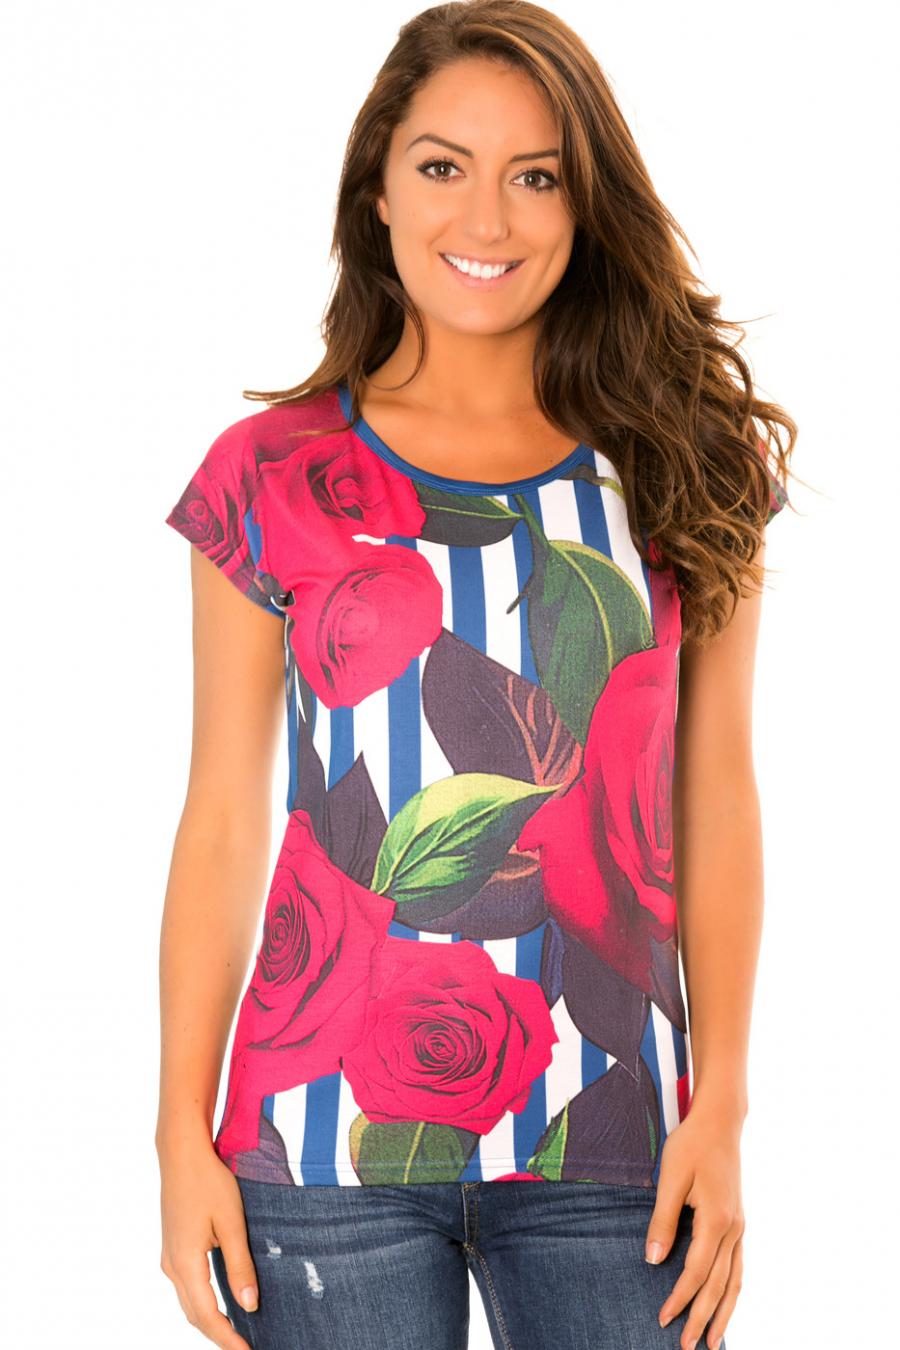 Tee shirt fluide à rayure Bleu marine, Blanc à motif fleurs - MC1664